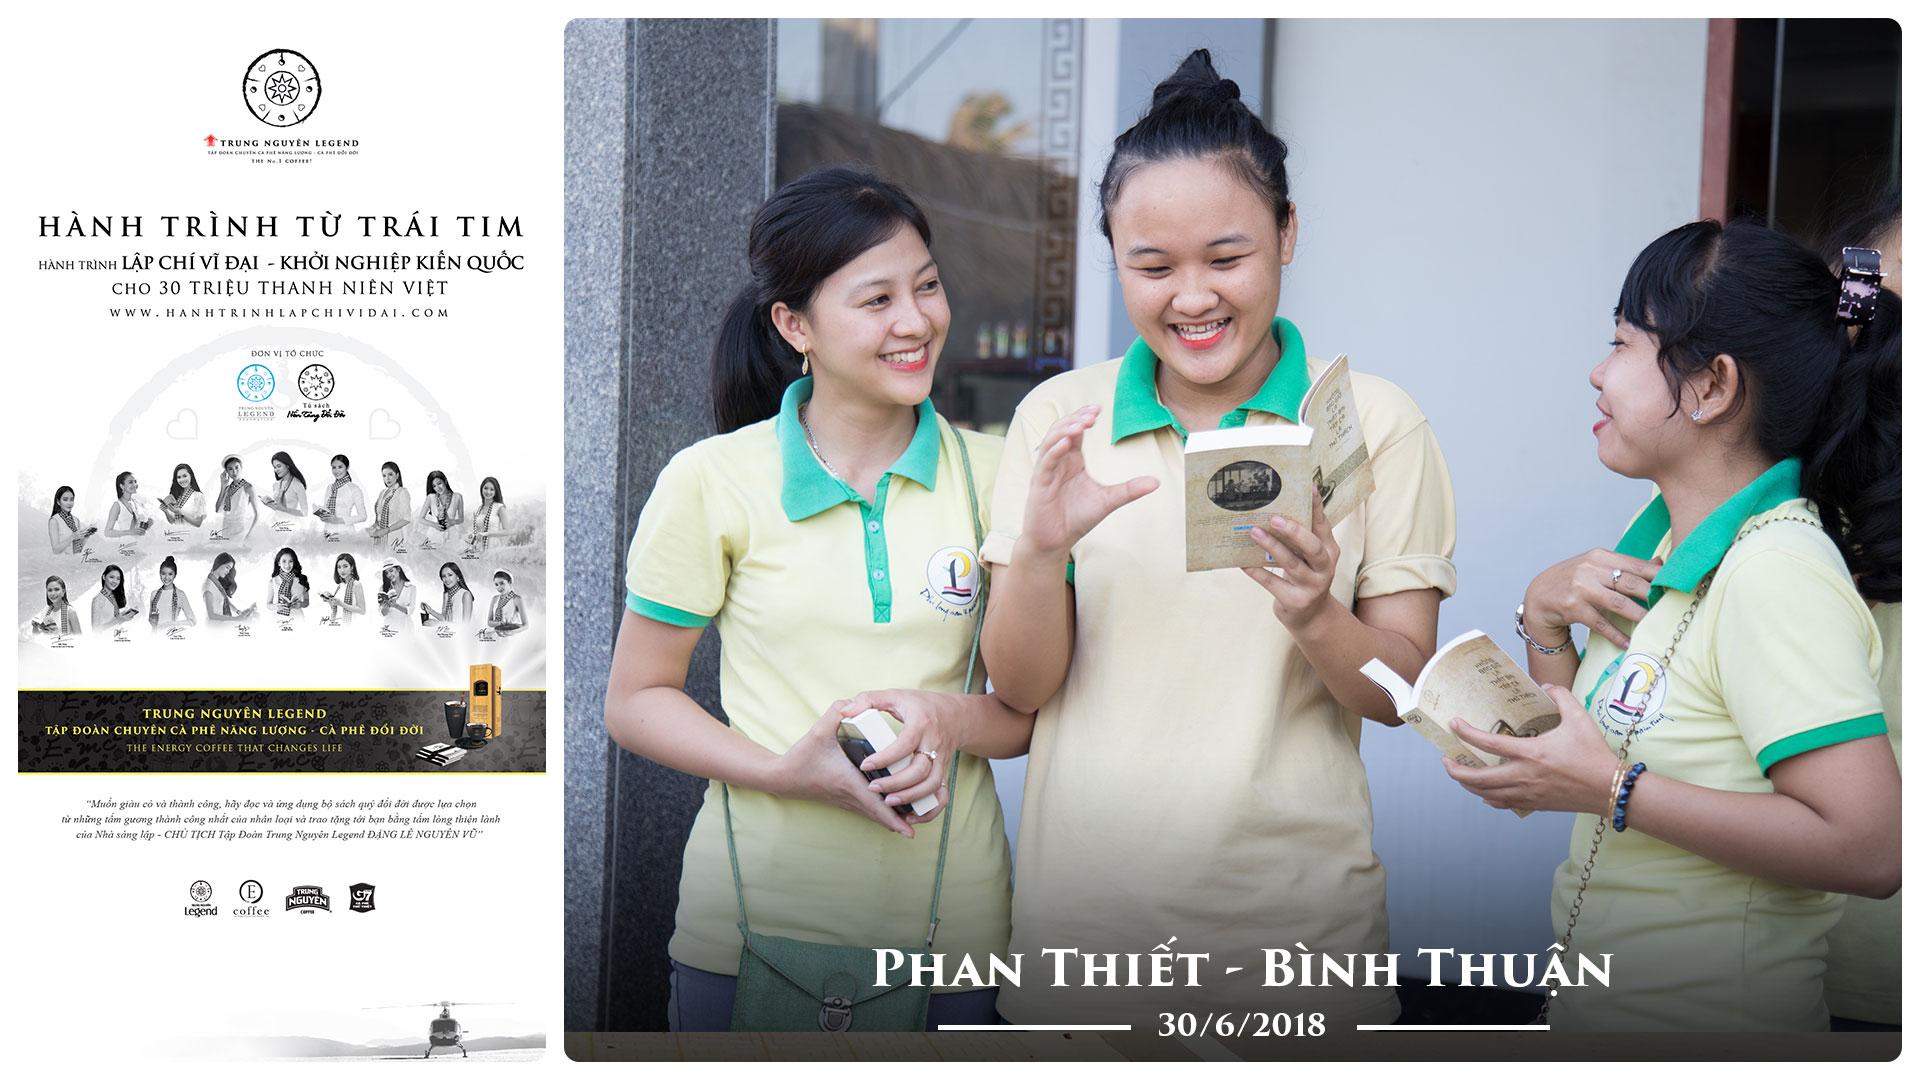 Nhật ký Hành trình từ Trái tim ngày 30/6 – Phan Thiết – Bình Thuận